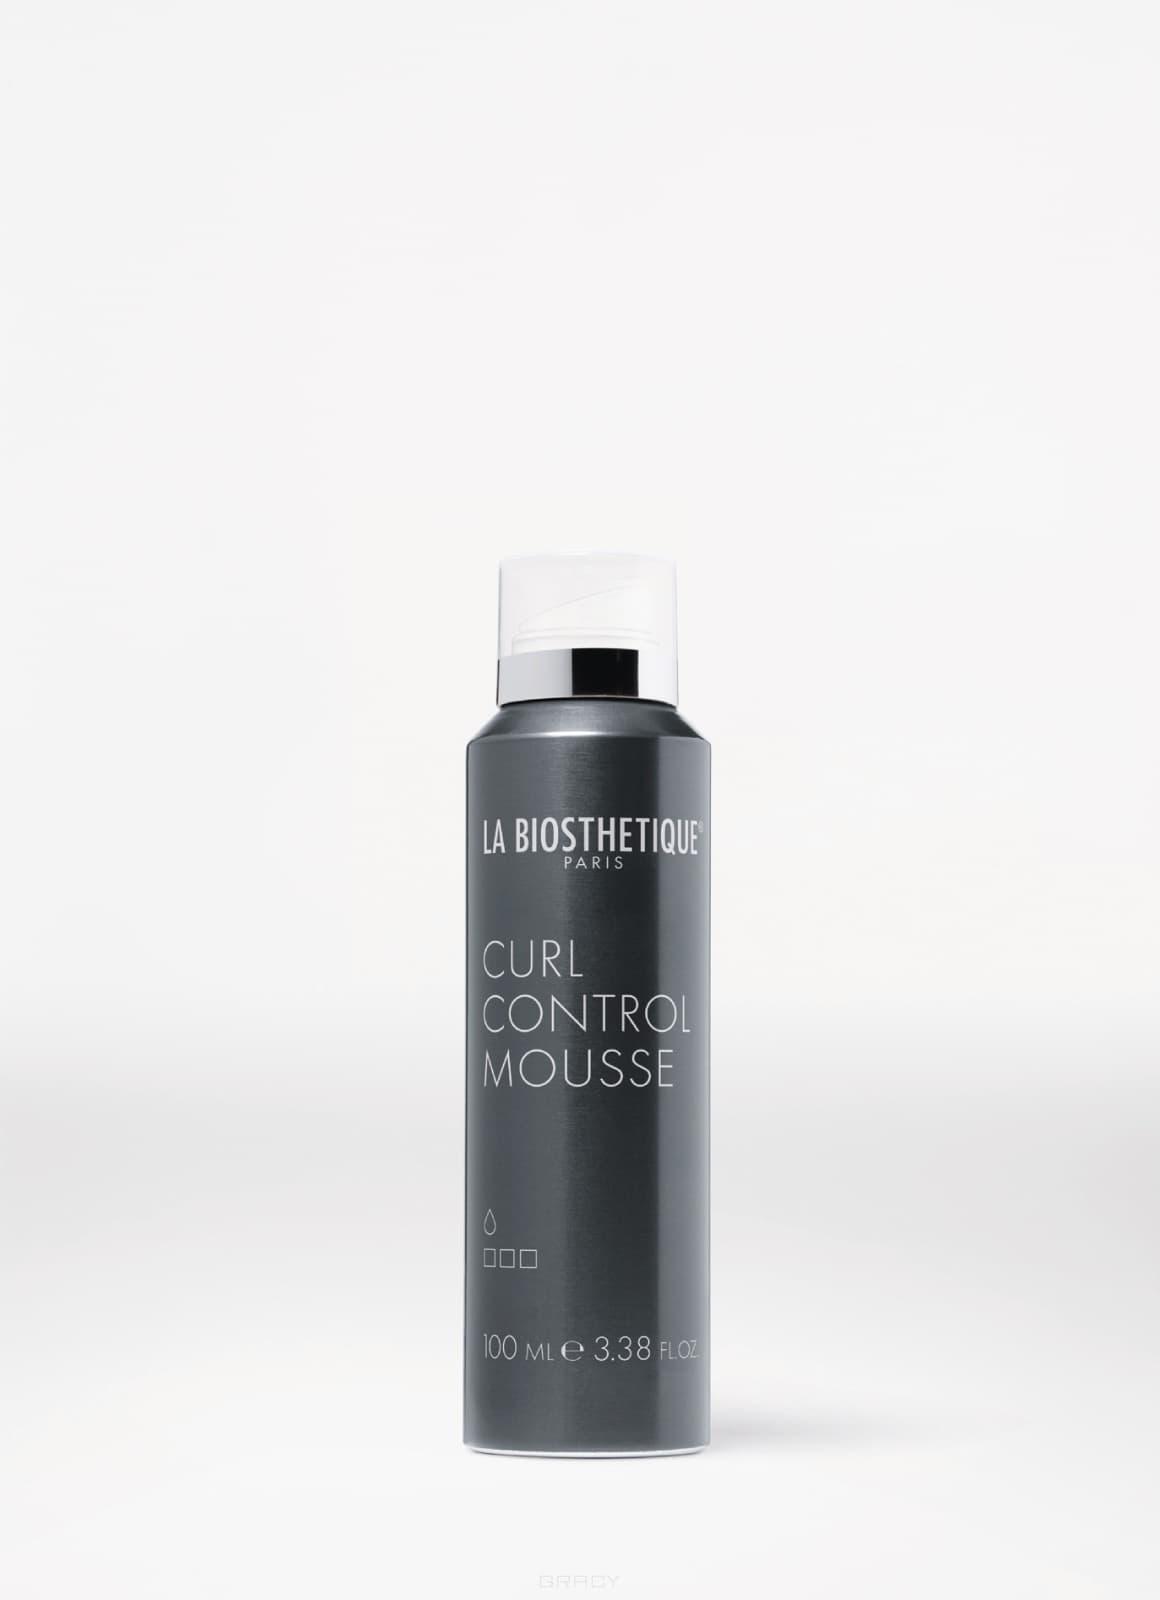 La Biosthetique Гелевая пенка для вьющихся волос Curl Control Mousse, 100 мл, Гелевая пенка для вьющихся волос Curl Control Mousse, 100 мл, 100 мл недорого